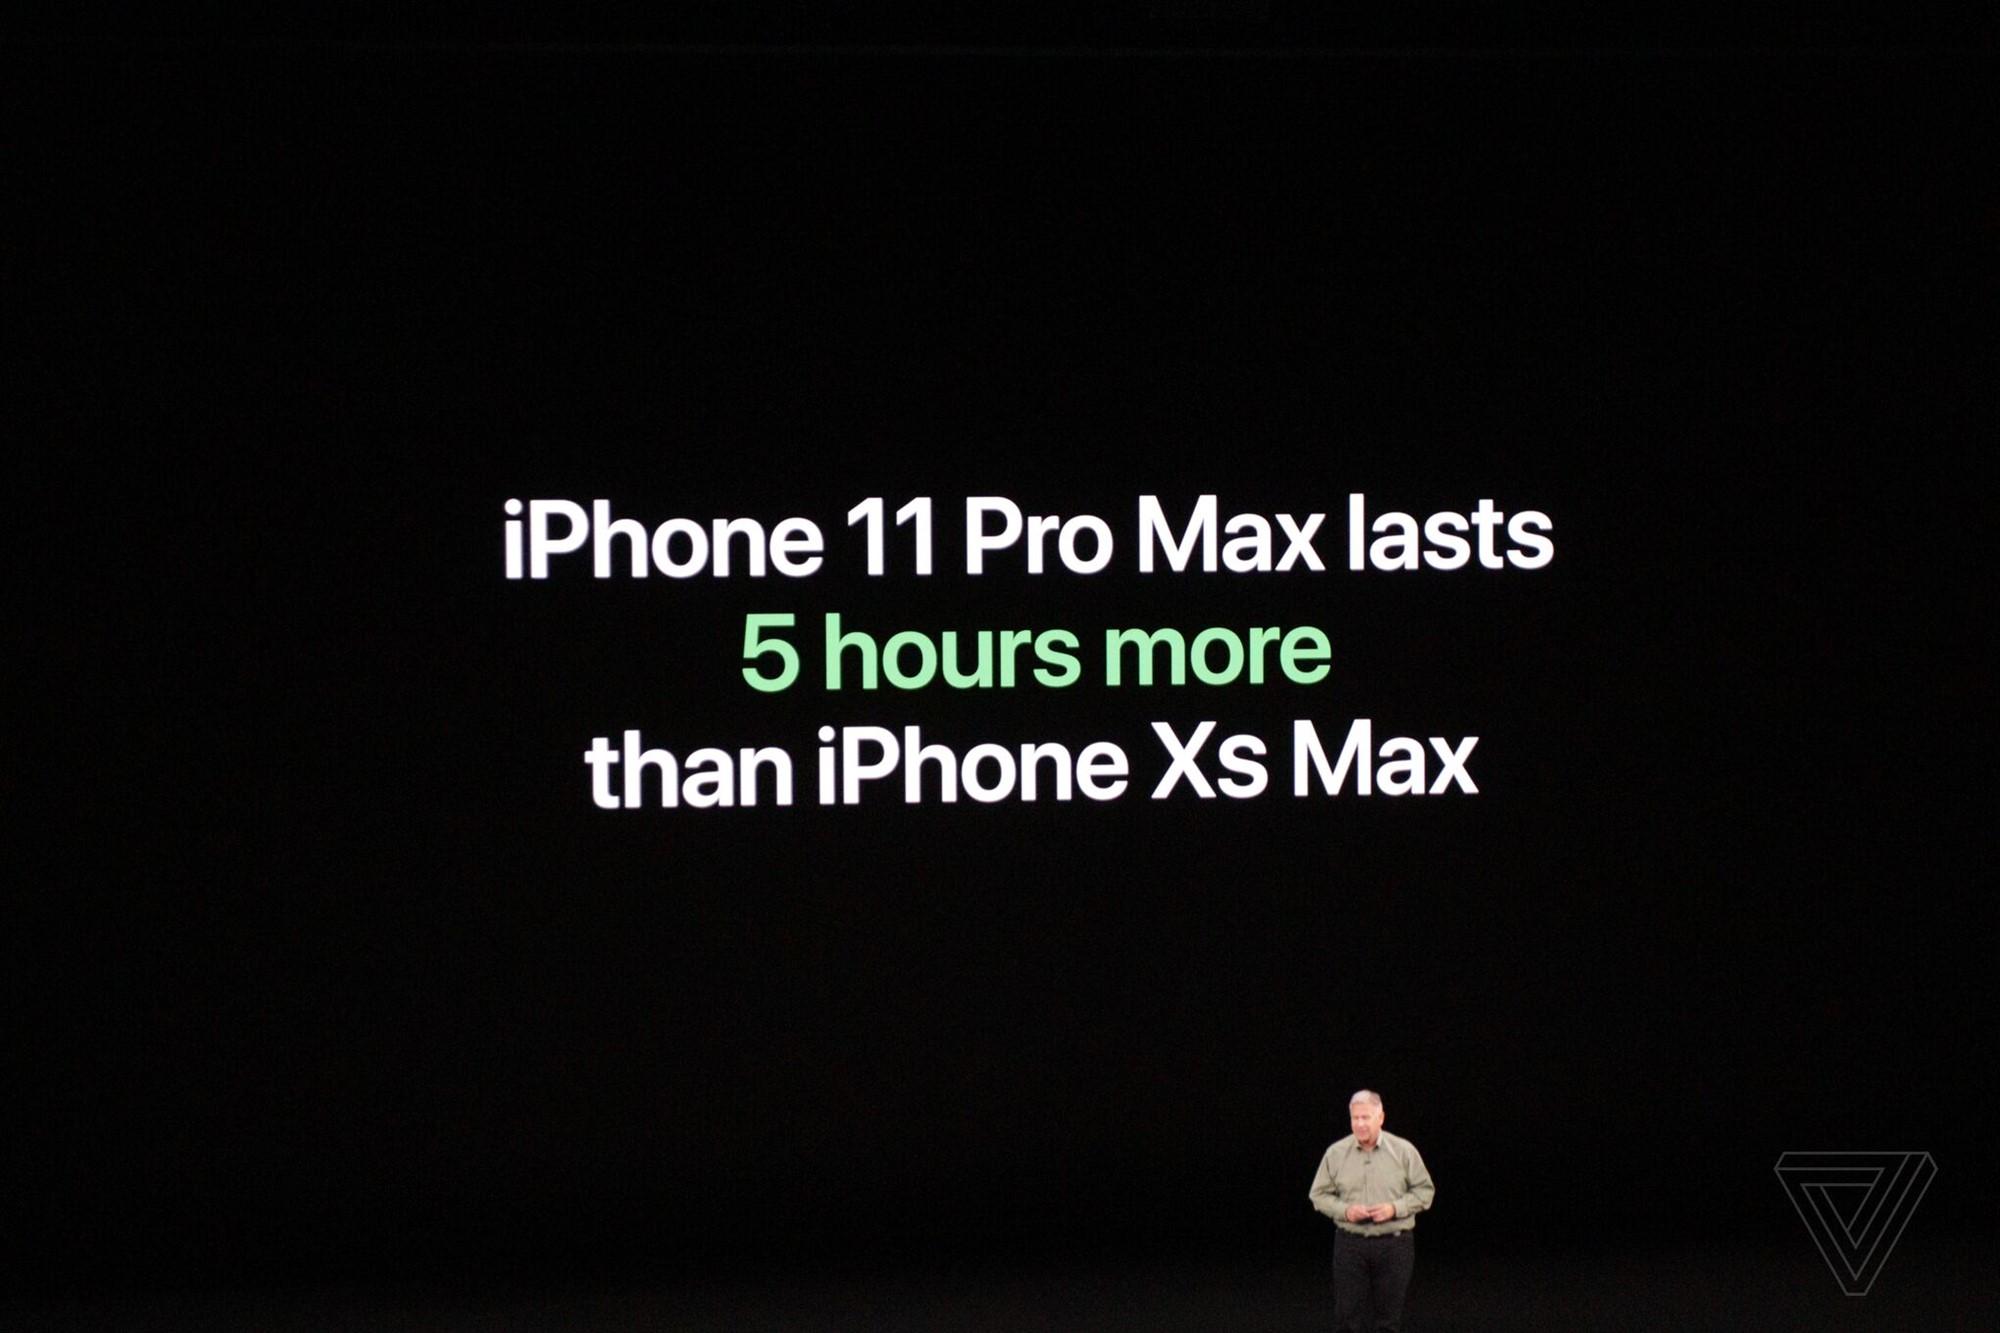 lcimg-96207dfd-7ff5-40e4-855e-57db9d18808c Sự kiện công bố Apple iPhone 11 mới: Camera góc siêu rộng 120 độ, pin lớn hơn tới 5h so với iPhone XR, giá chỉ từ 699$